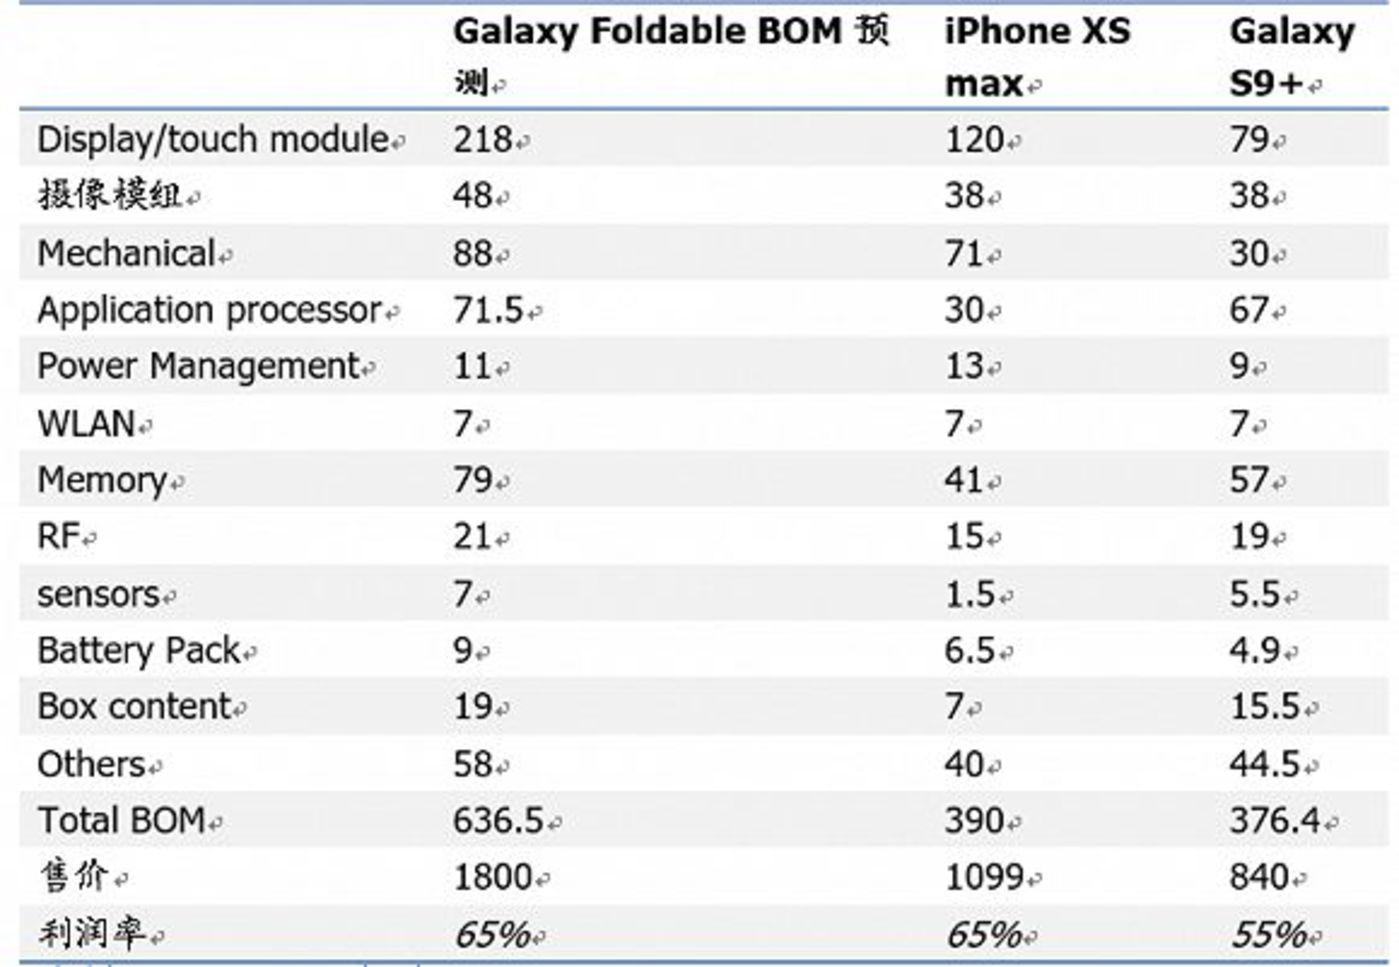 可折叠手机元器件成本对比,图片来源于国盛证券